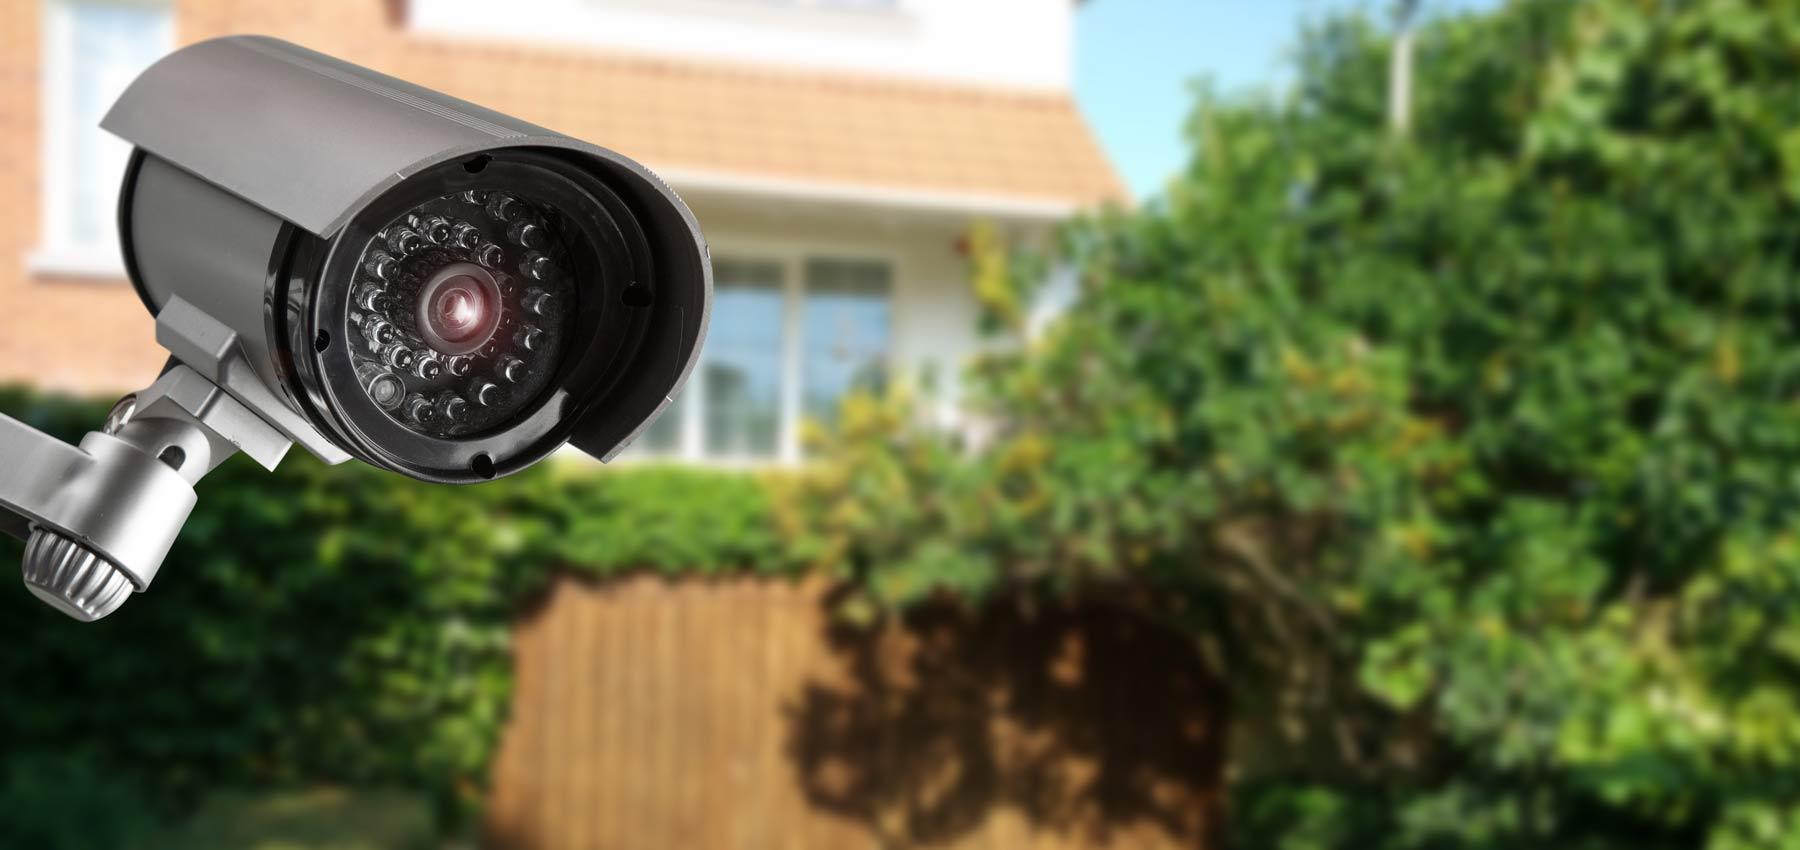 Преимущества камер видеонаблюдения для дома